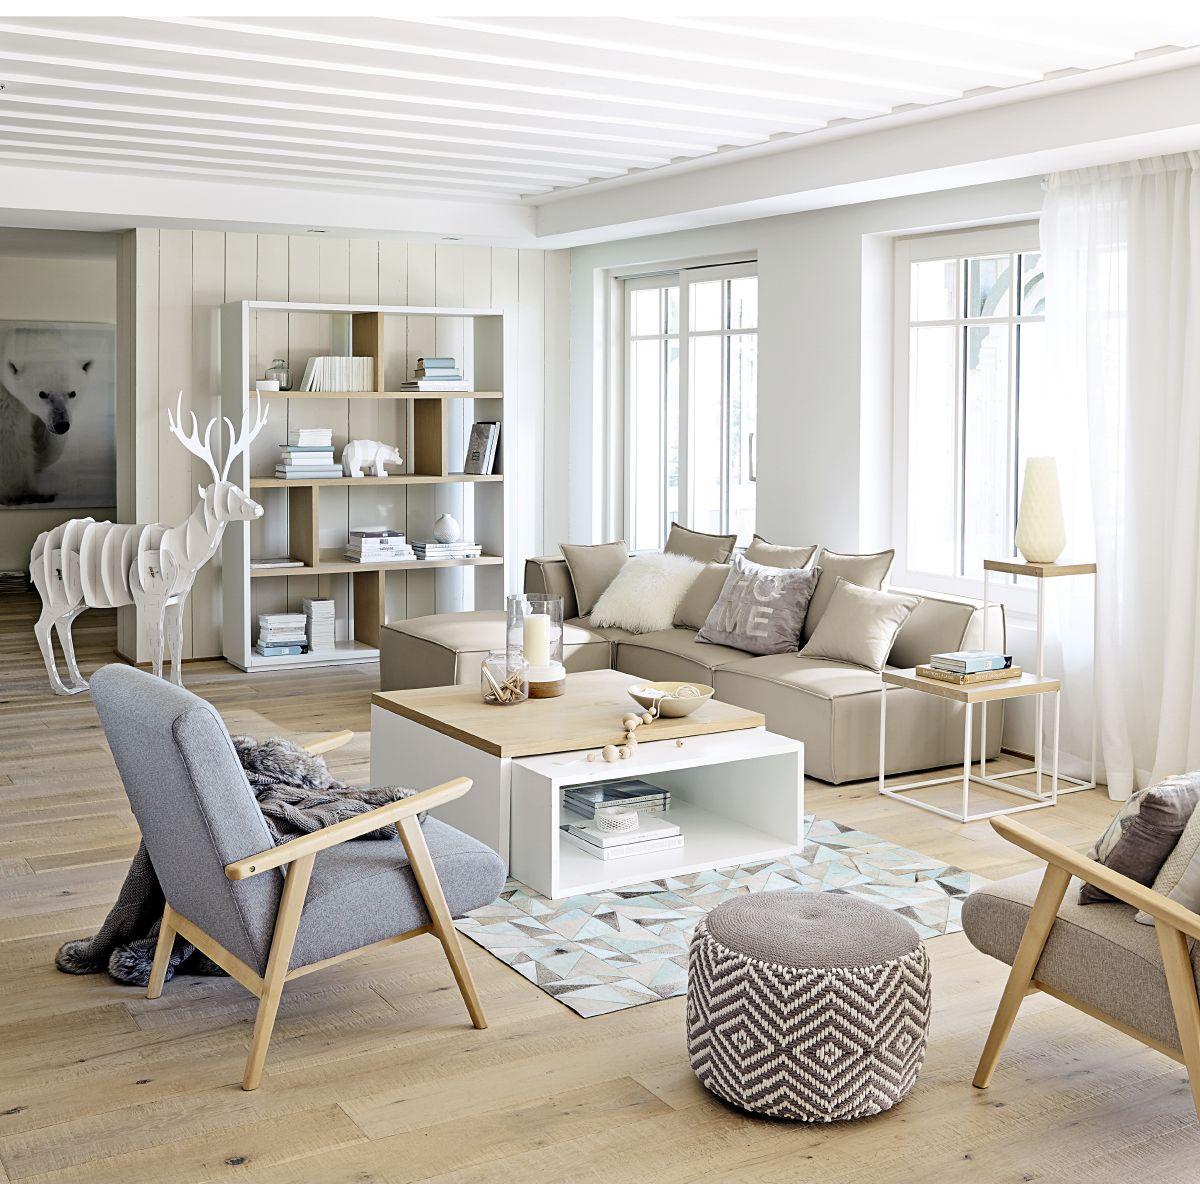 Decouvrez La Collection Meubles Decoration 2016 Maisons Du Monde Dans Le Catalogue Interactif Mymdm Deco Maison Meuble Deco Deco Salon